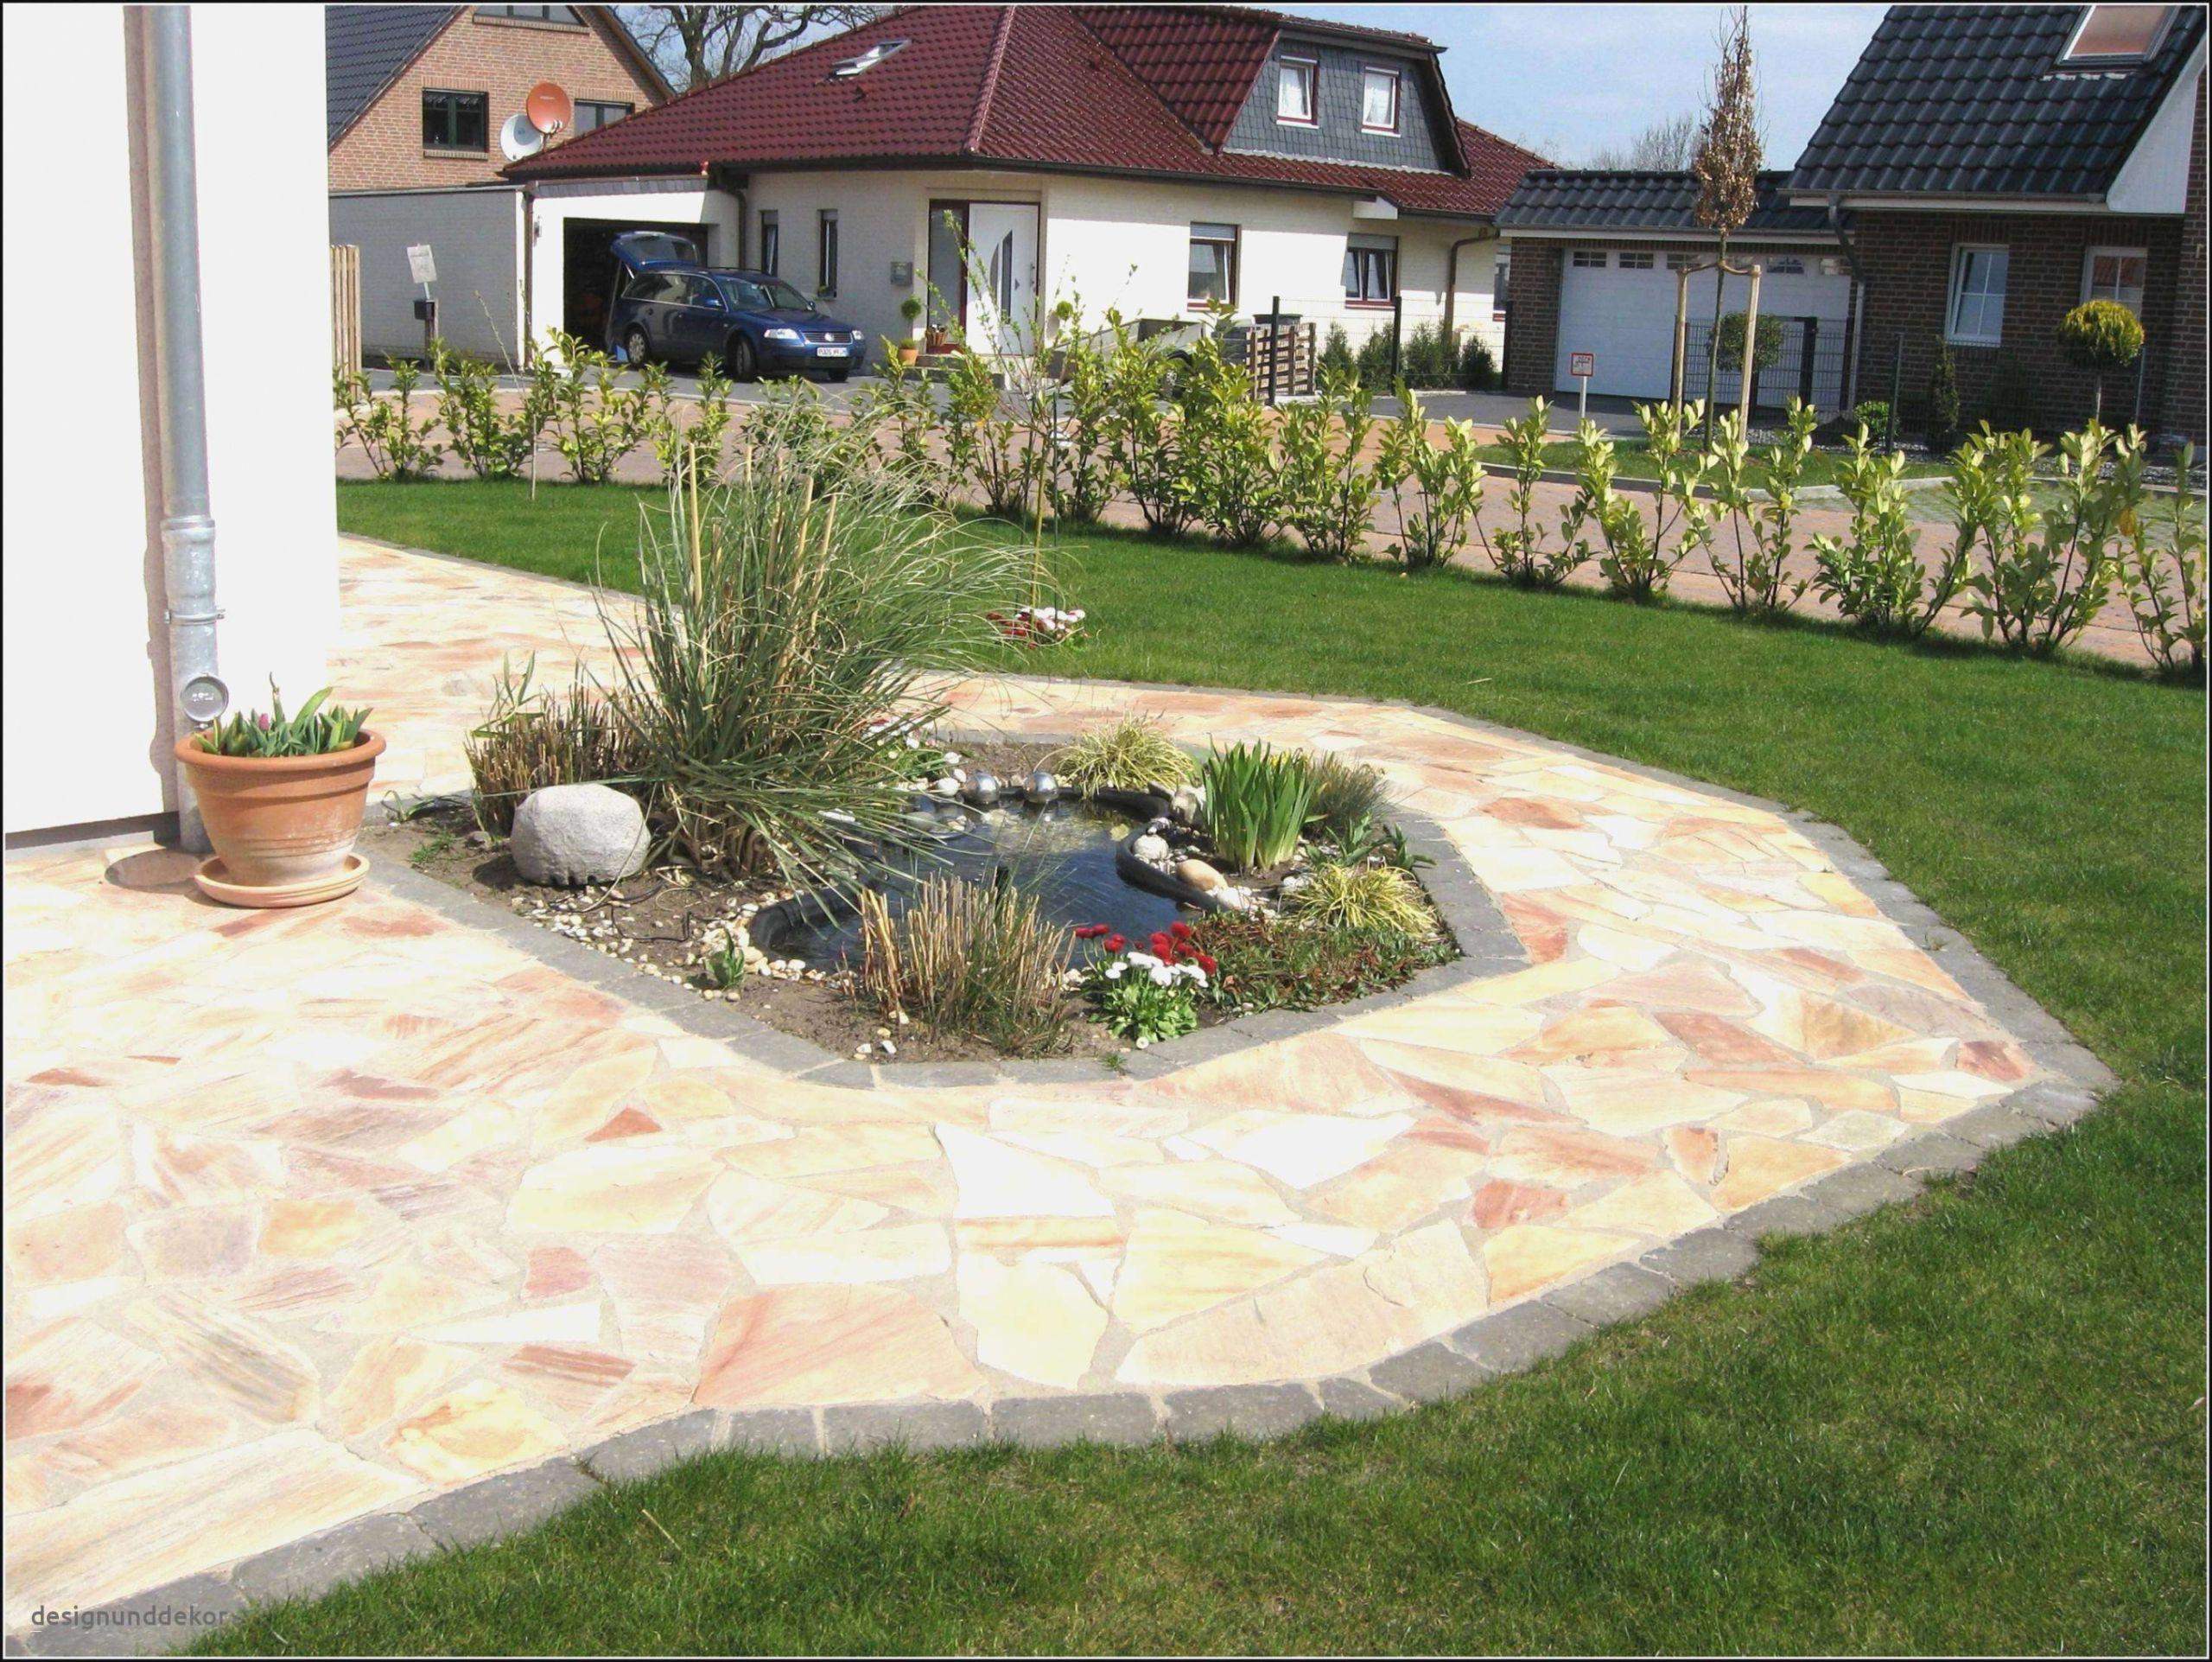 Gartengestaltung Holz Einzigartig Gartengestaltung Mit Holz Und Stein — Temobardz Home Blog